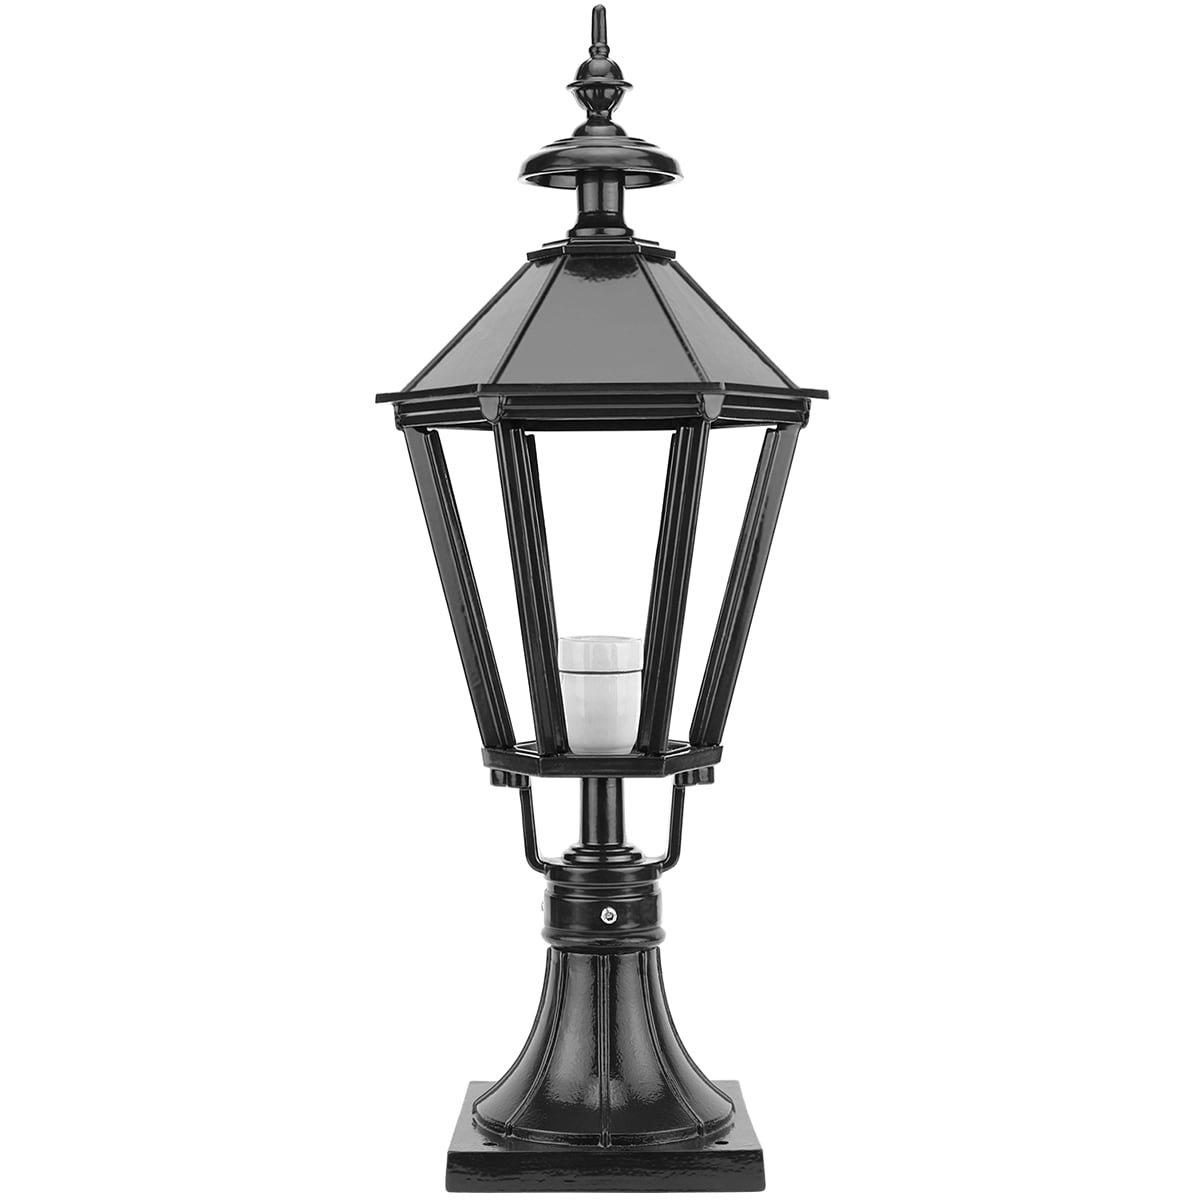 Buitenverlichting Klassiek Landelijk Sokkellamp Maastricht - 79 cm